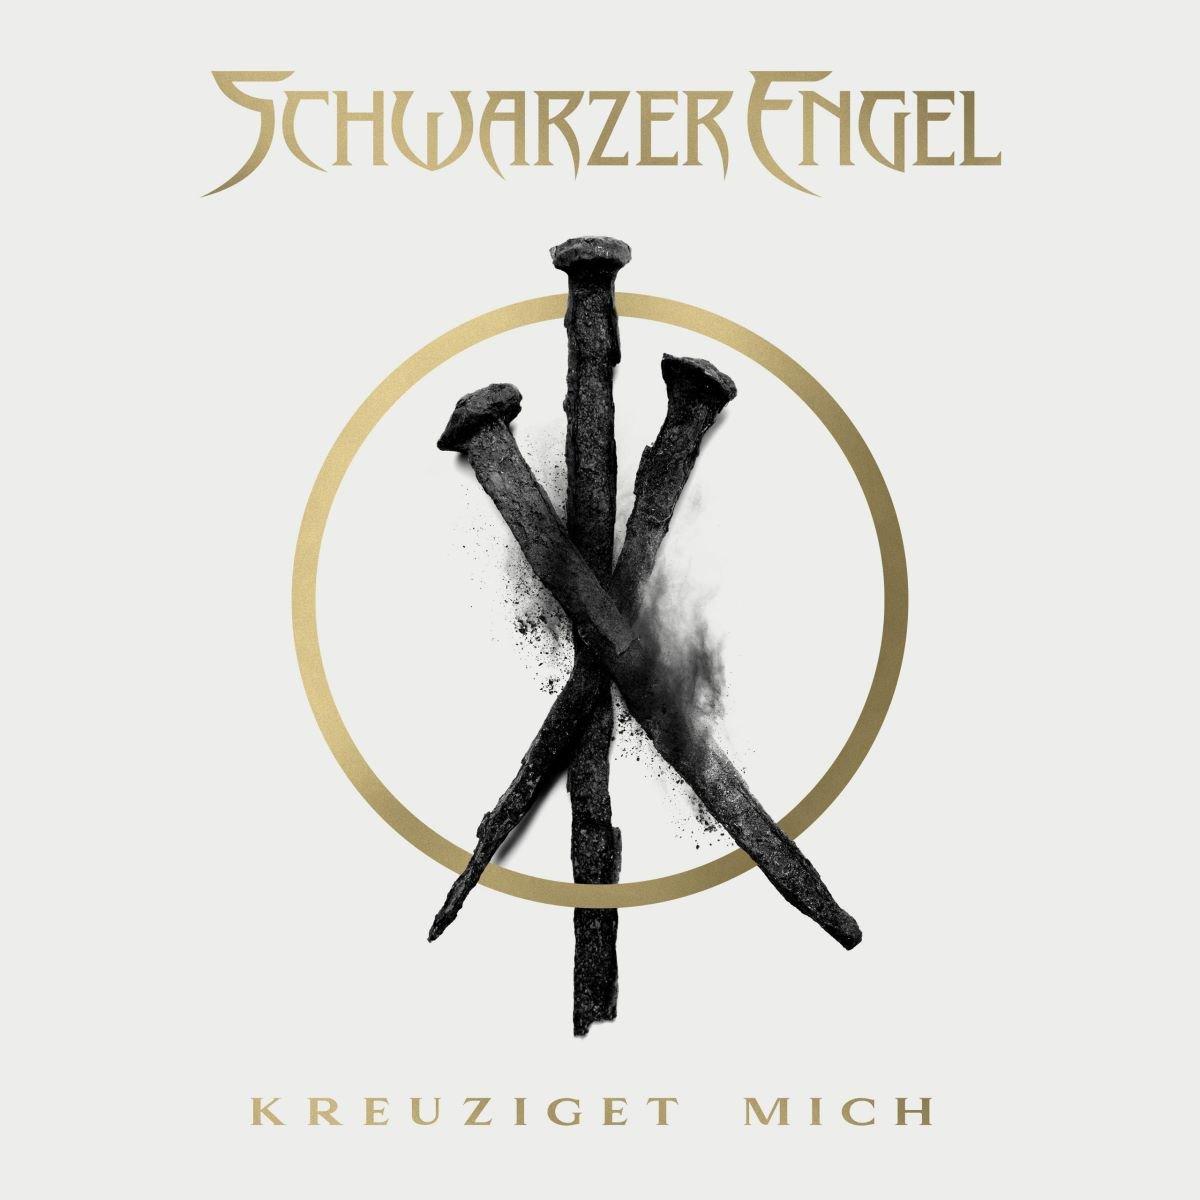 schwarzer engel - kreuziget mich - album cover